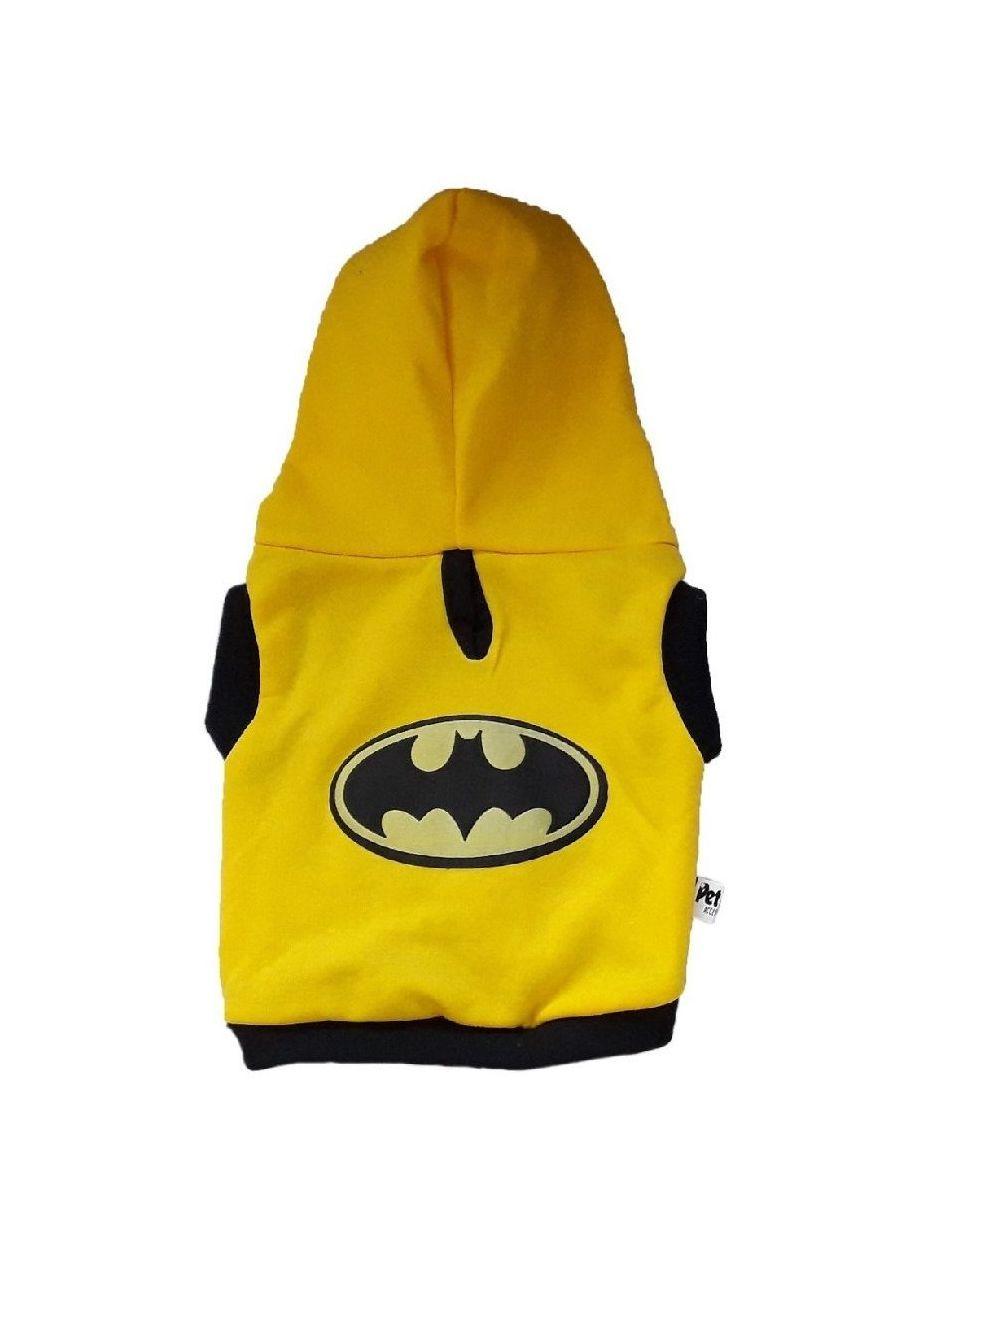 Super Buso Batman Talla M - Ciudaddemascotas.com